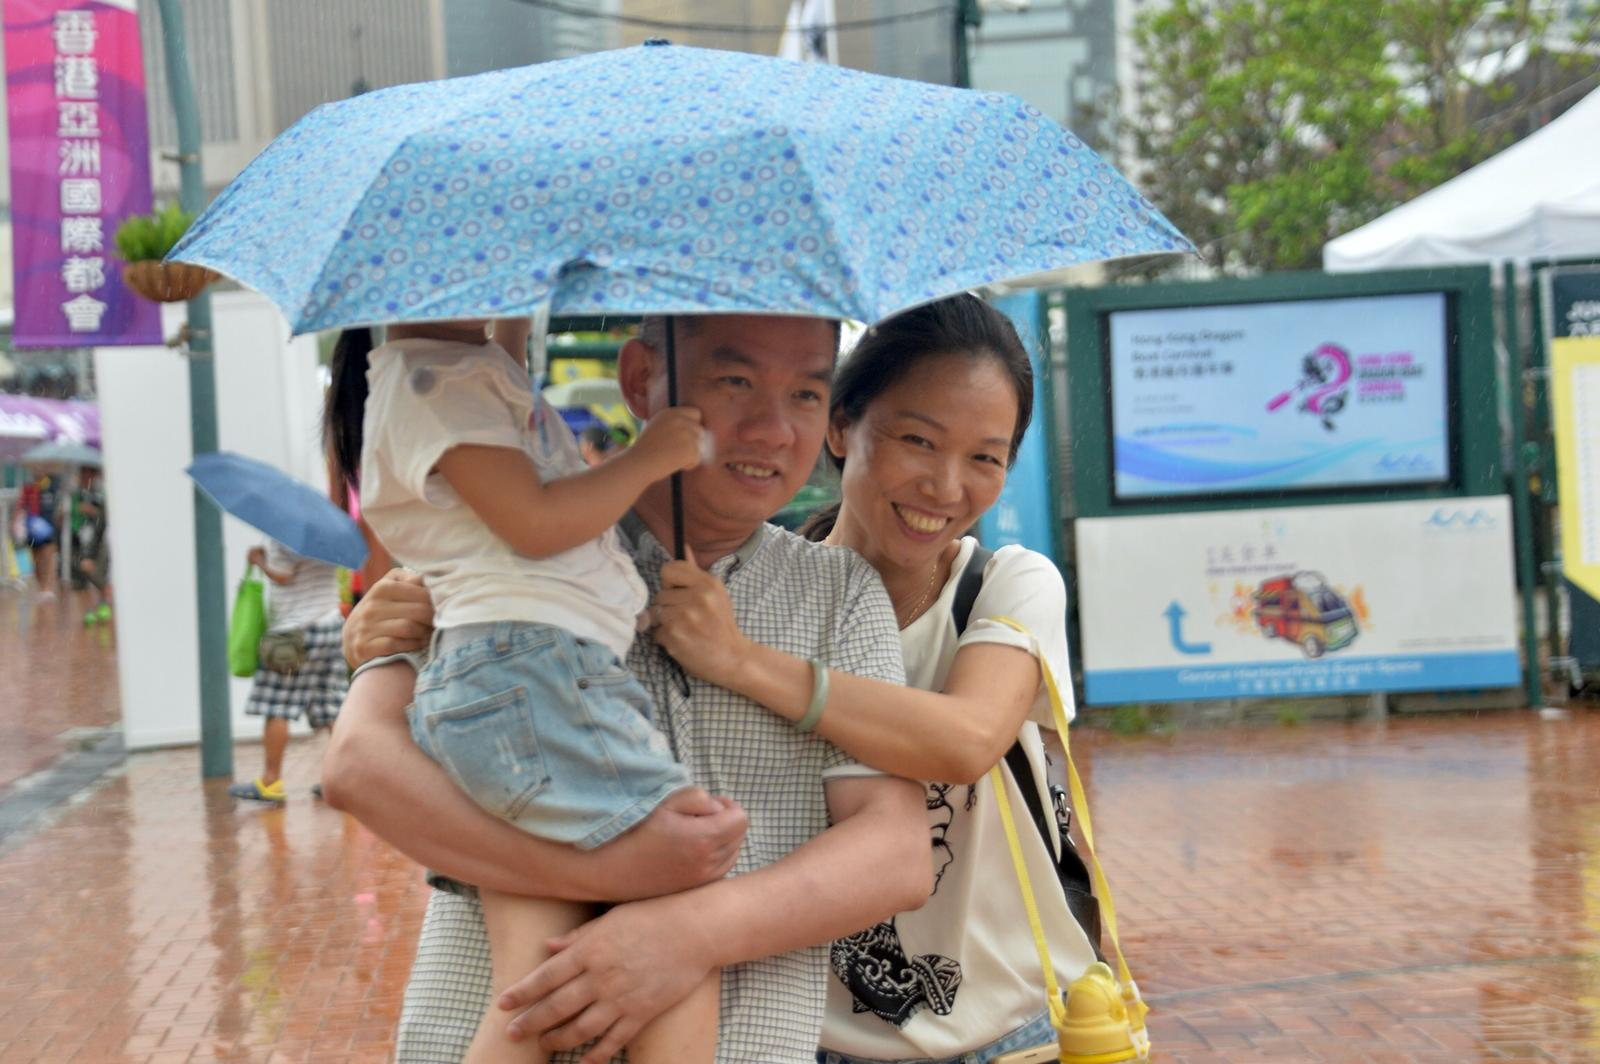 明日雨勢有時頗大及有幾陣狂風雷暴,氣溫25至28度。